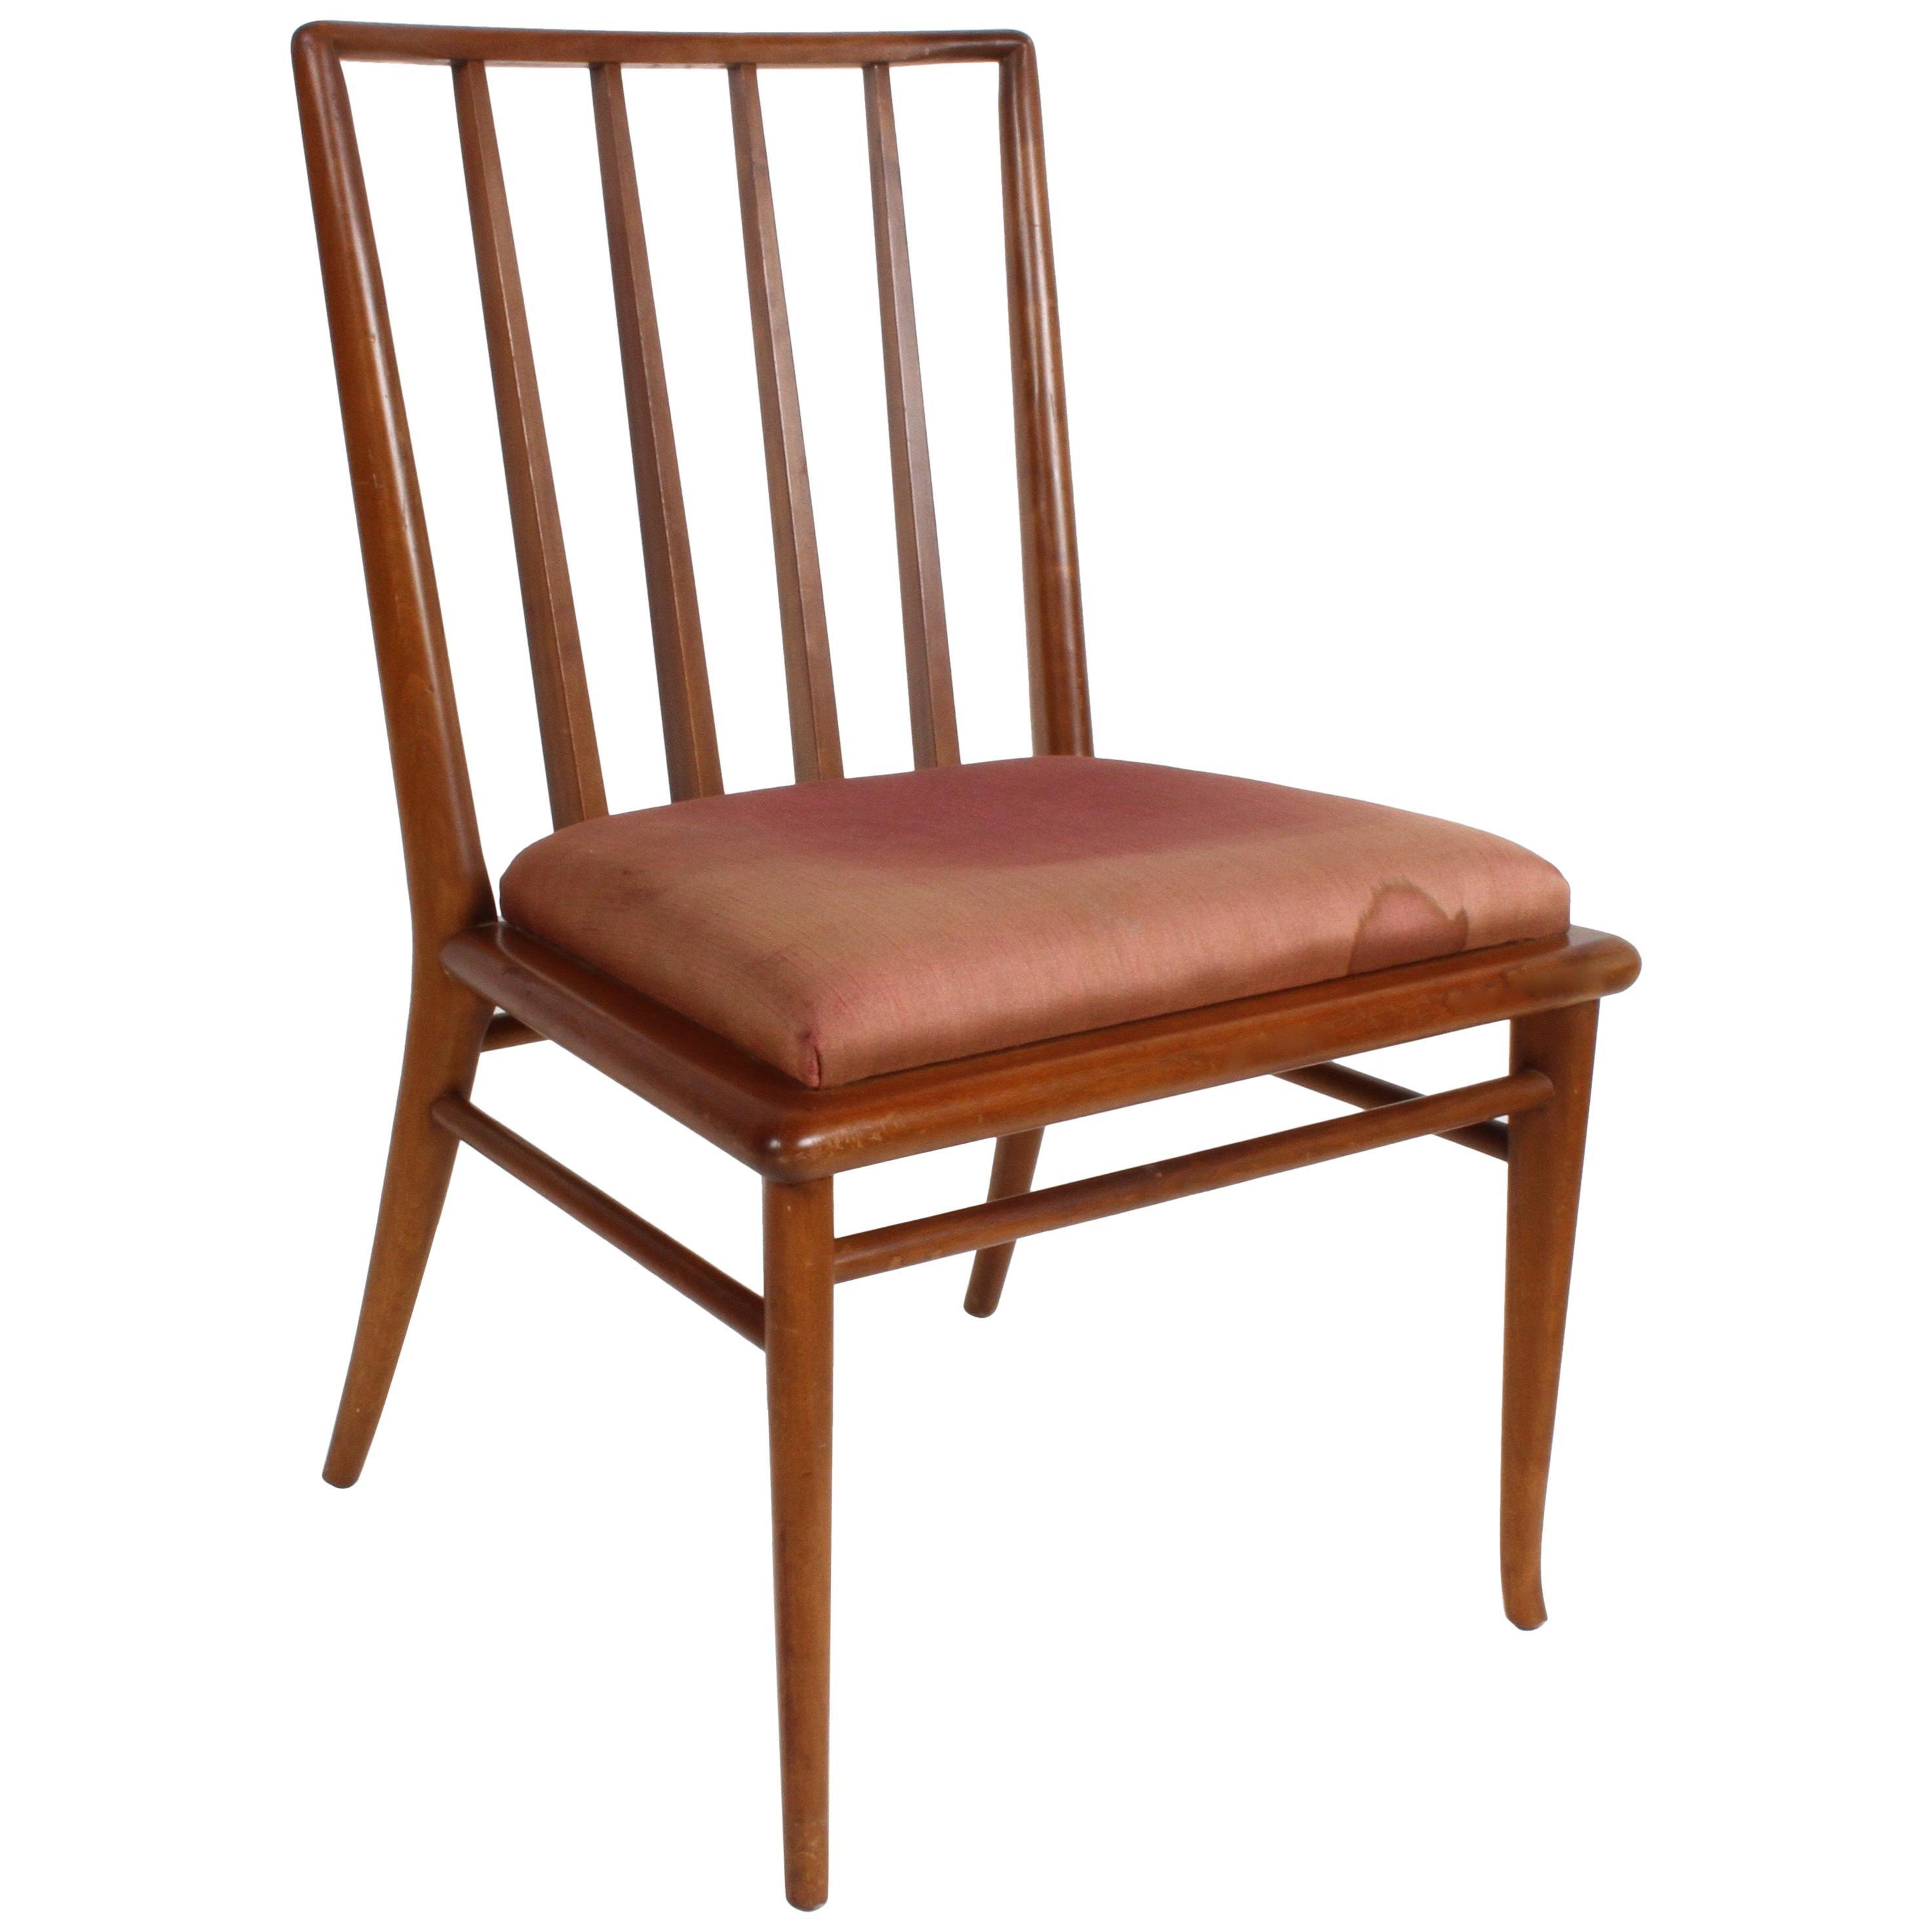 T.H. Robsjohn-Gibbings for Widdicomb Dining or Desk Chair